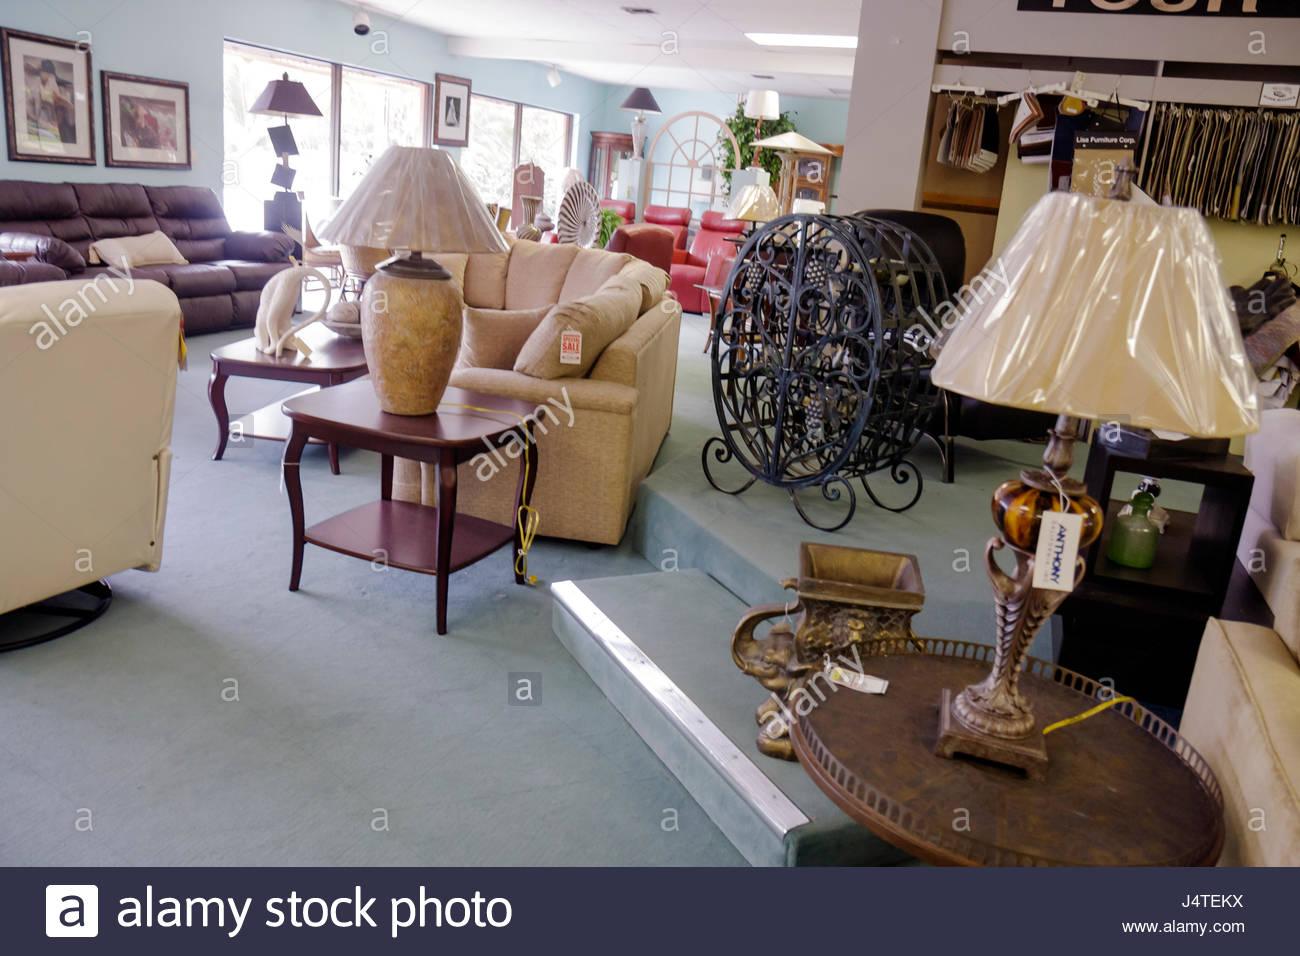 naples florida mobel shop geschaft einzelhandel showroom couch sofa tischleuchte moblierung dekor einkaufen